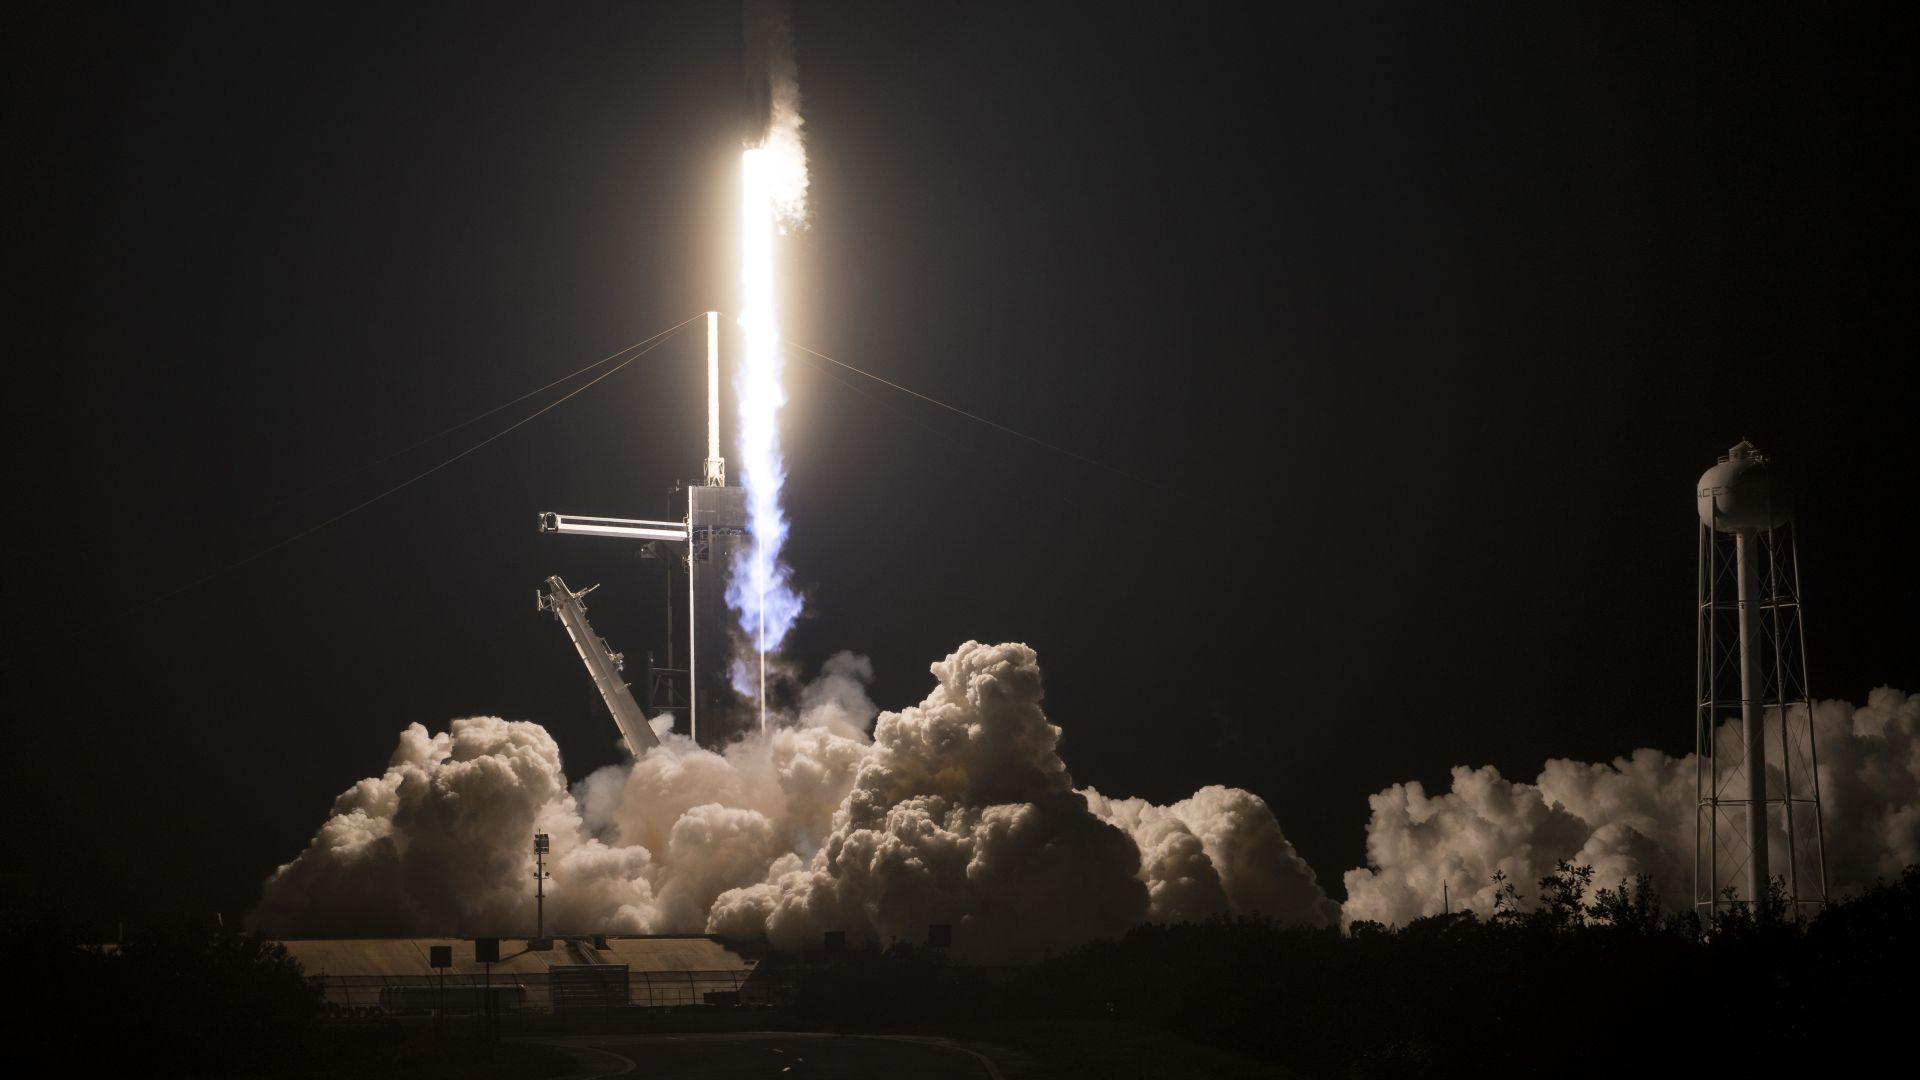 НАСА вече не зависи от Русия: SpaceX изстреля космически си кораб към МКС (видео/снимки)